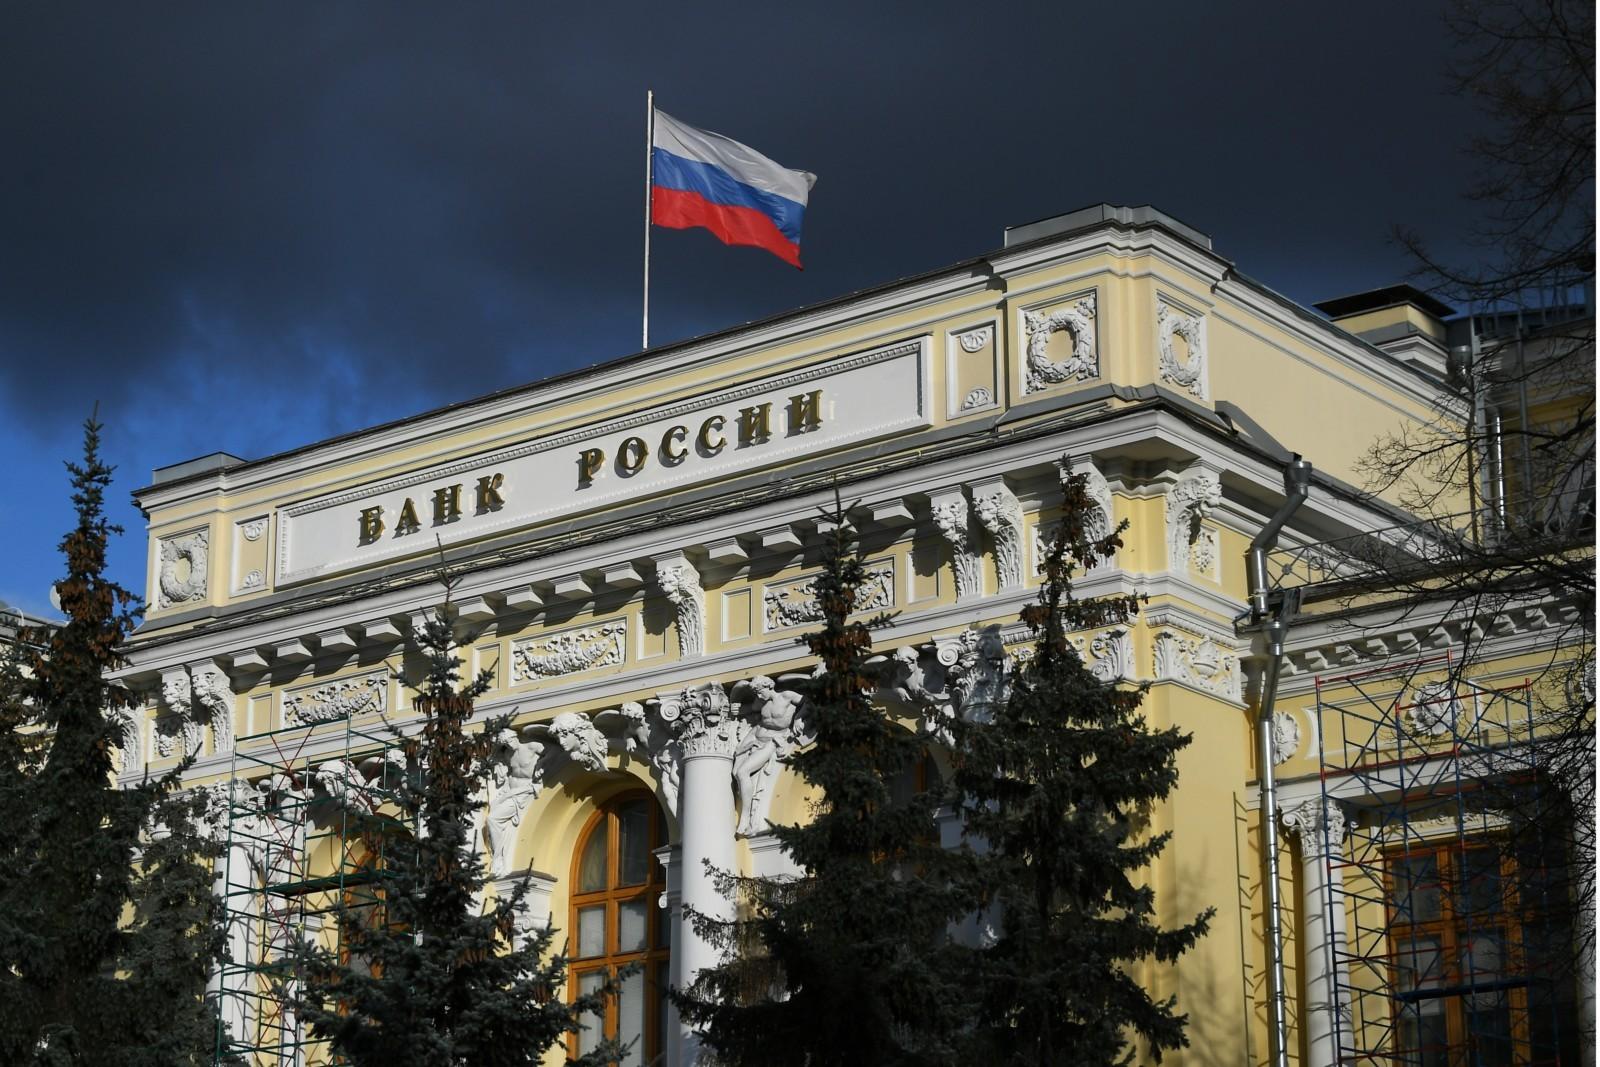 Банк России предупредил о новых хакерских атаках